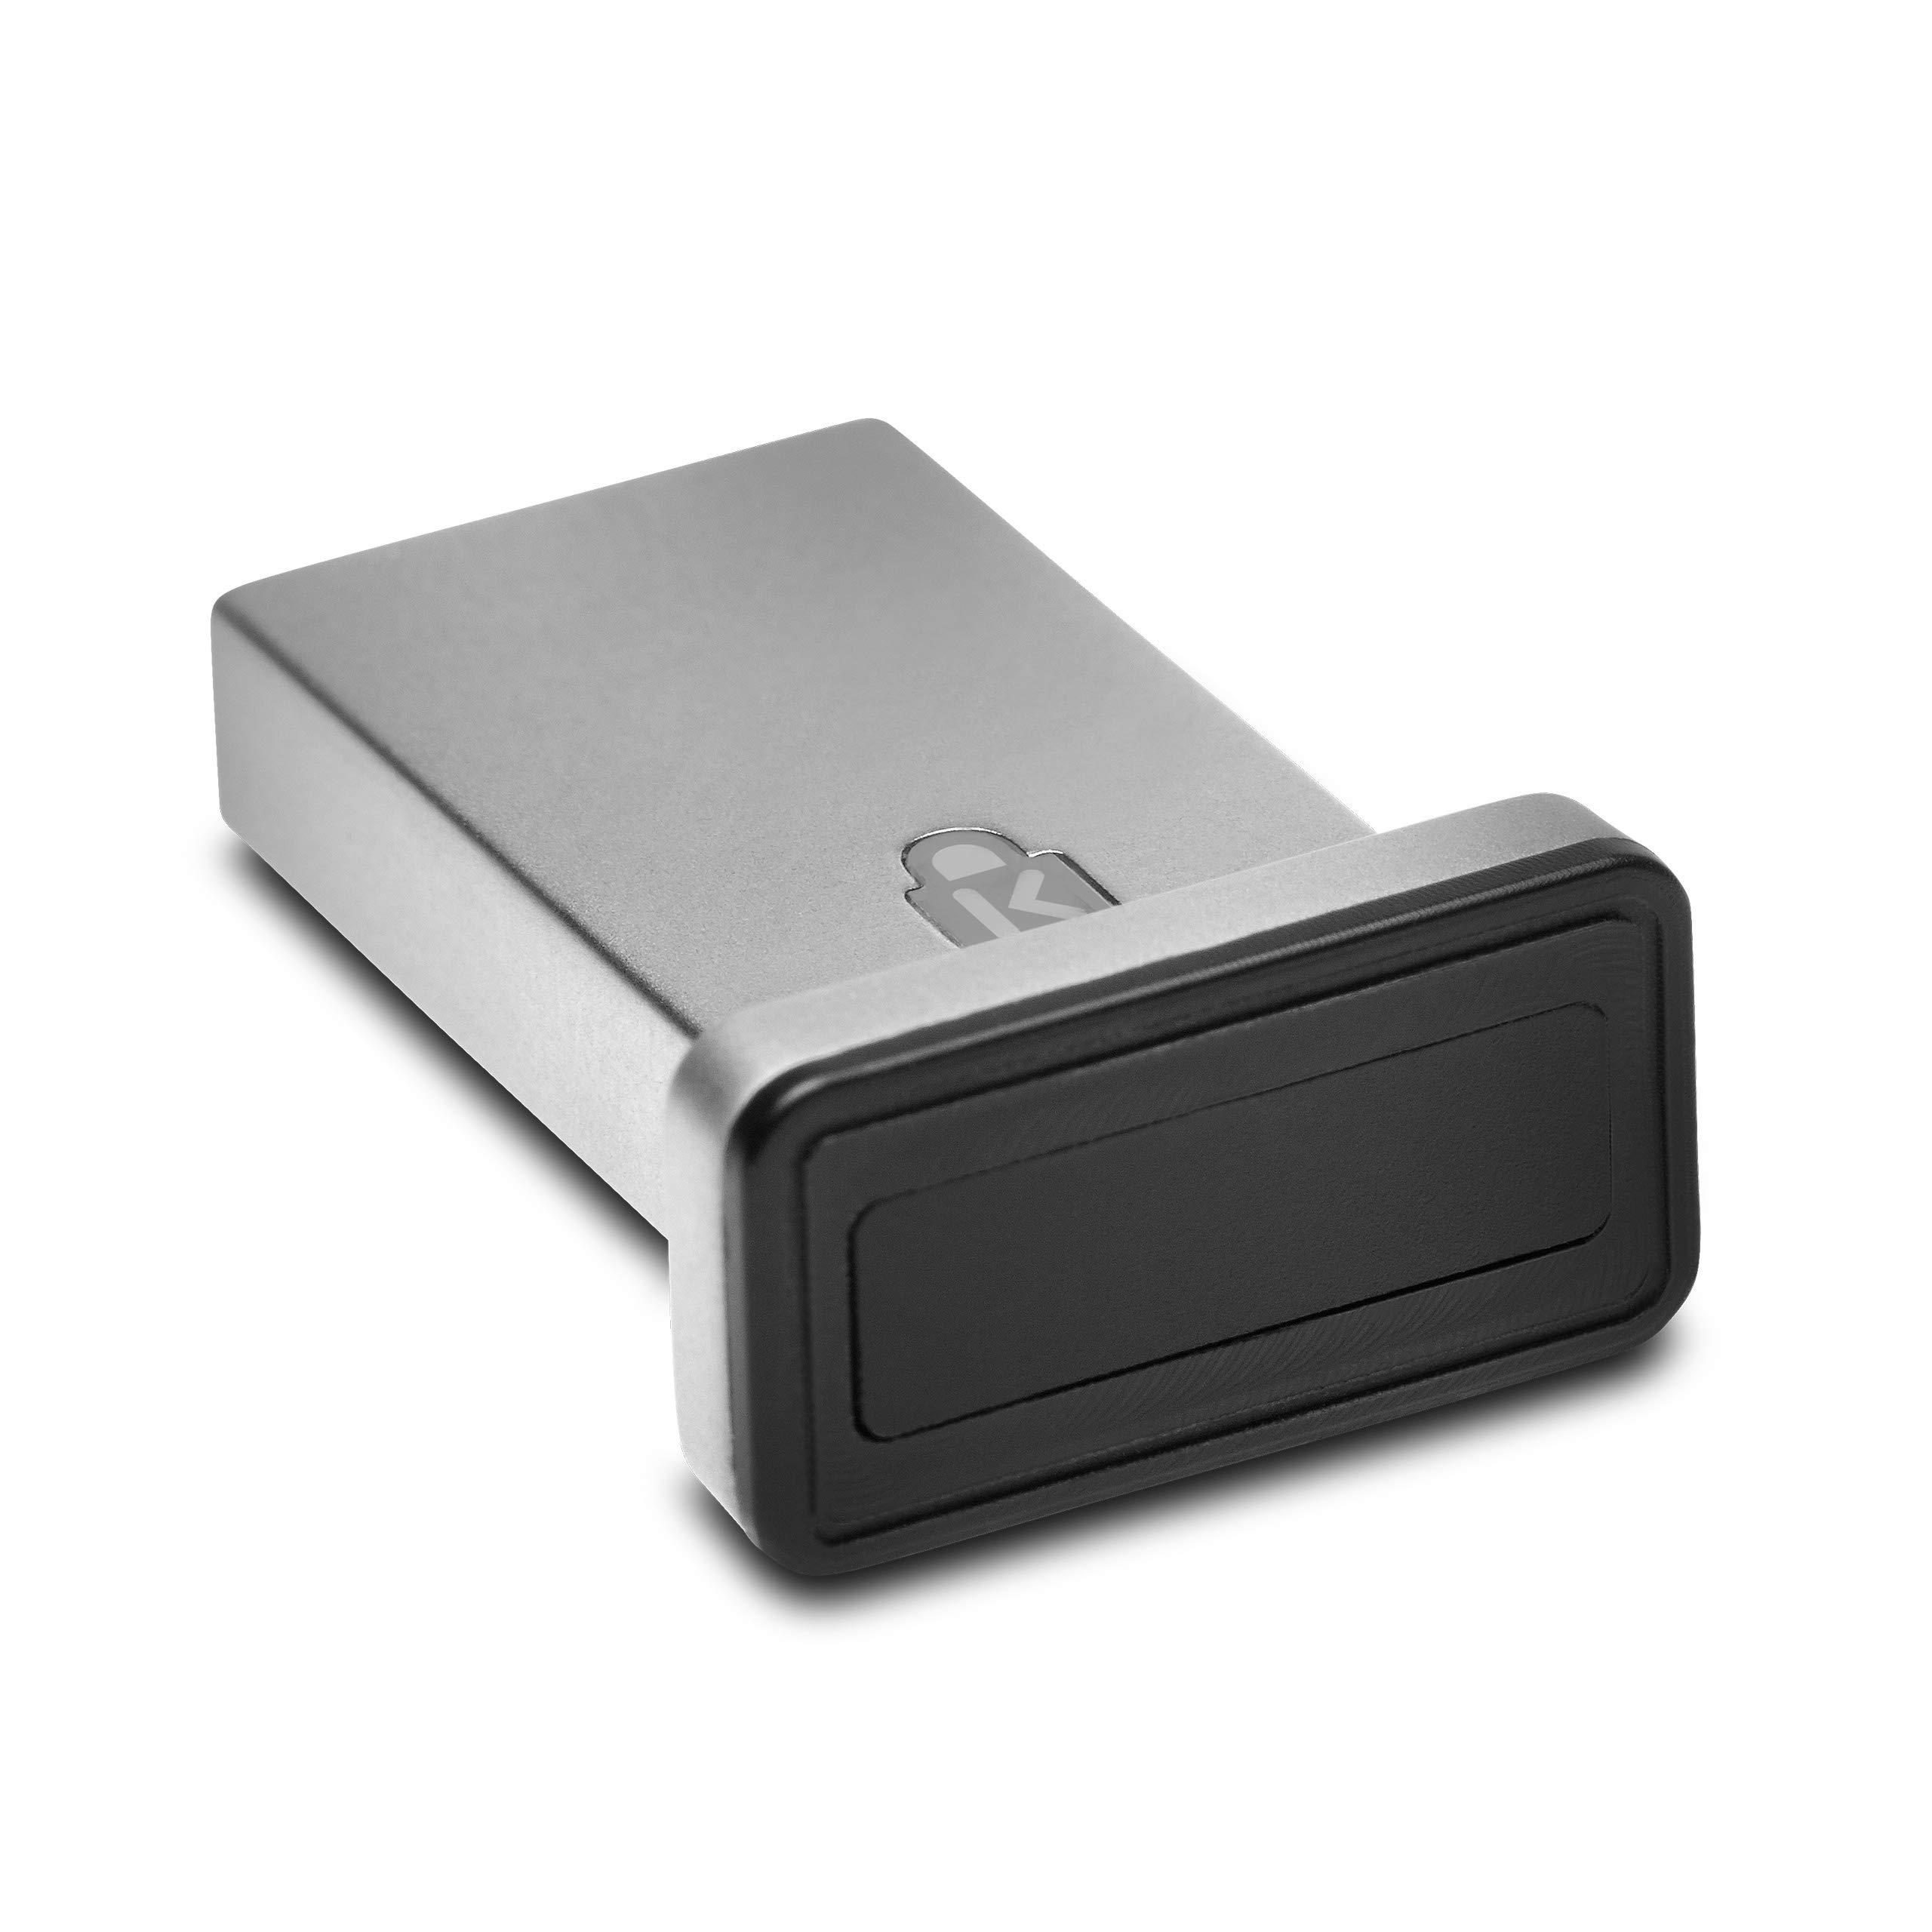 Kensington VeriMark IT USB Fingerprint Key Reader - Windows Hello, FIDO U2F, Anti-Spoofing (K67977WW) by Kensington